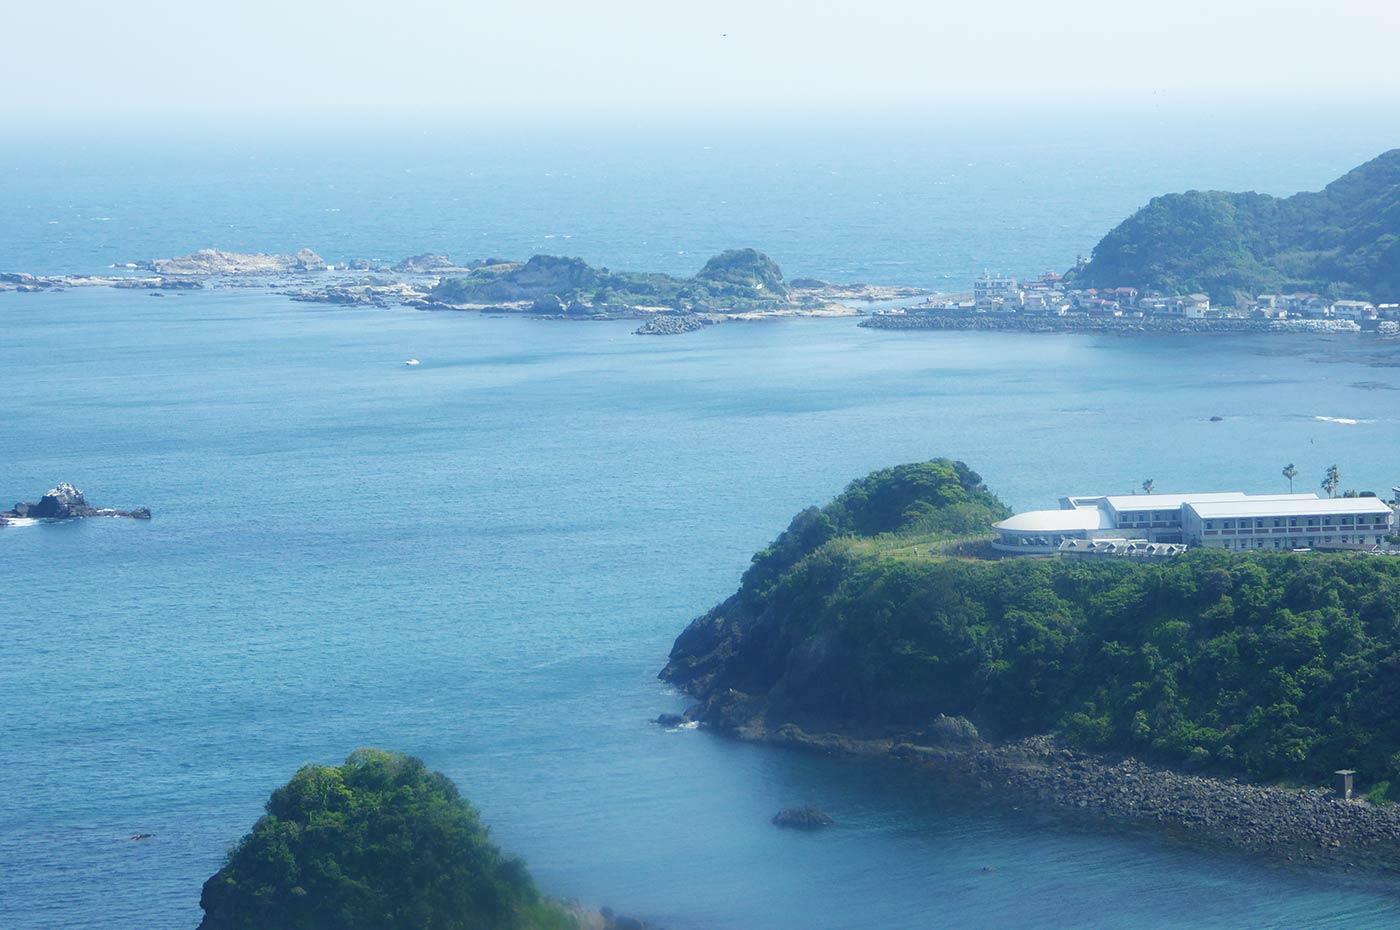 魚見塚展望台から鴨川松島と仁右衛門島を望む